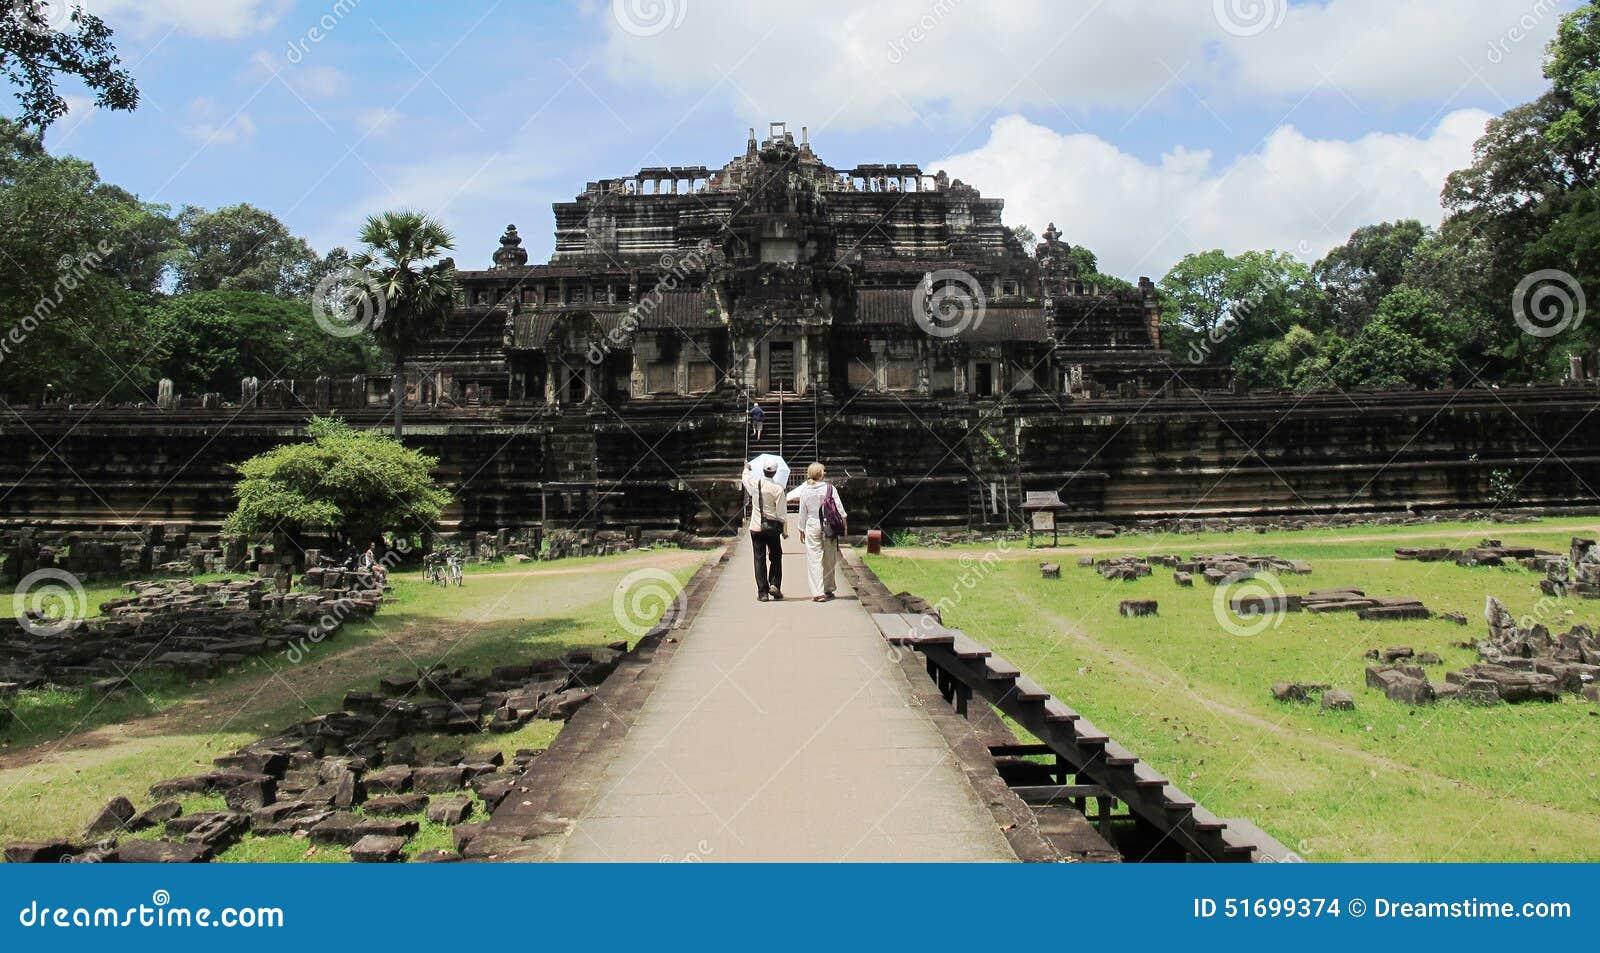 El turista y la guía caminan a un templo en el complejo de Angkor, Camboya